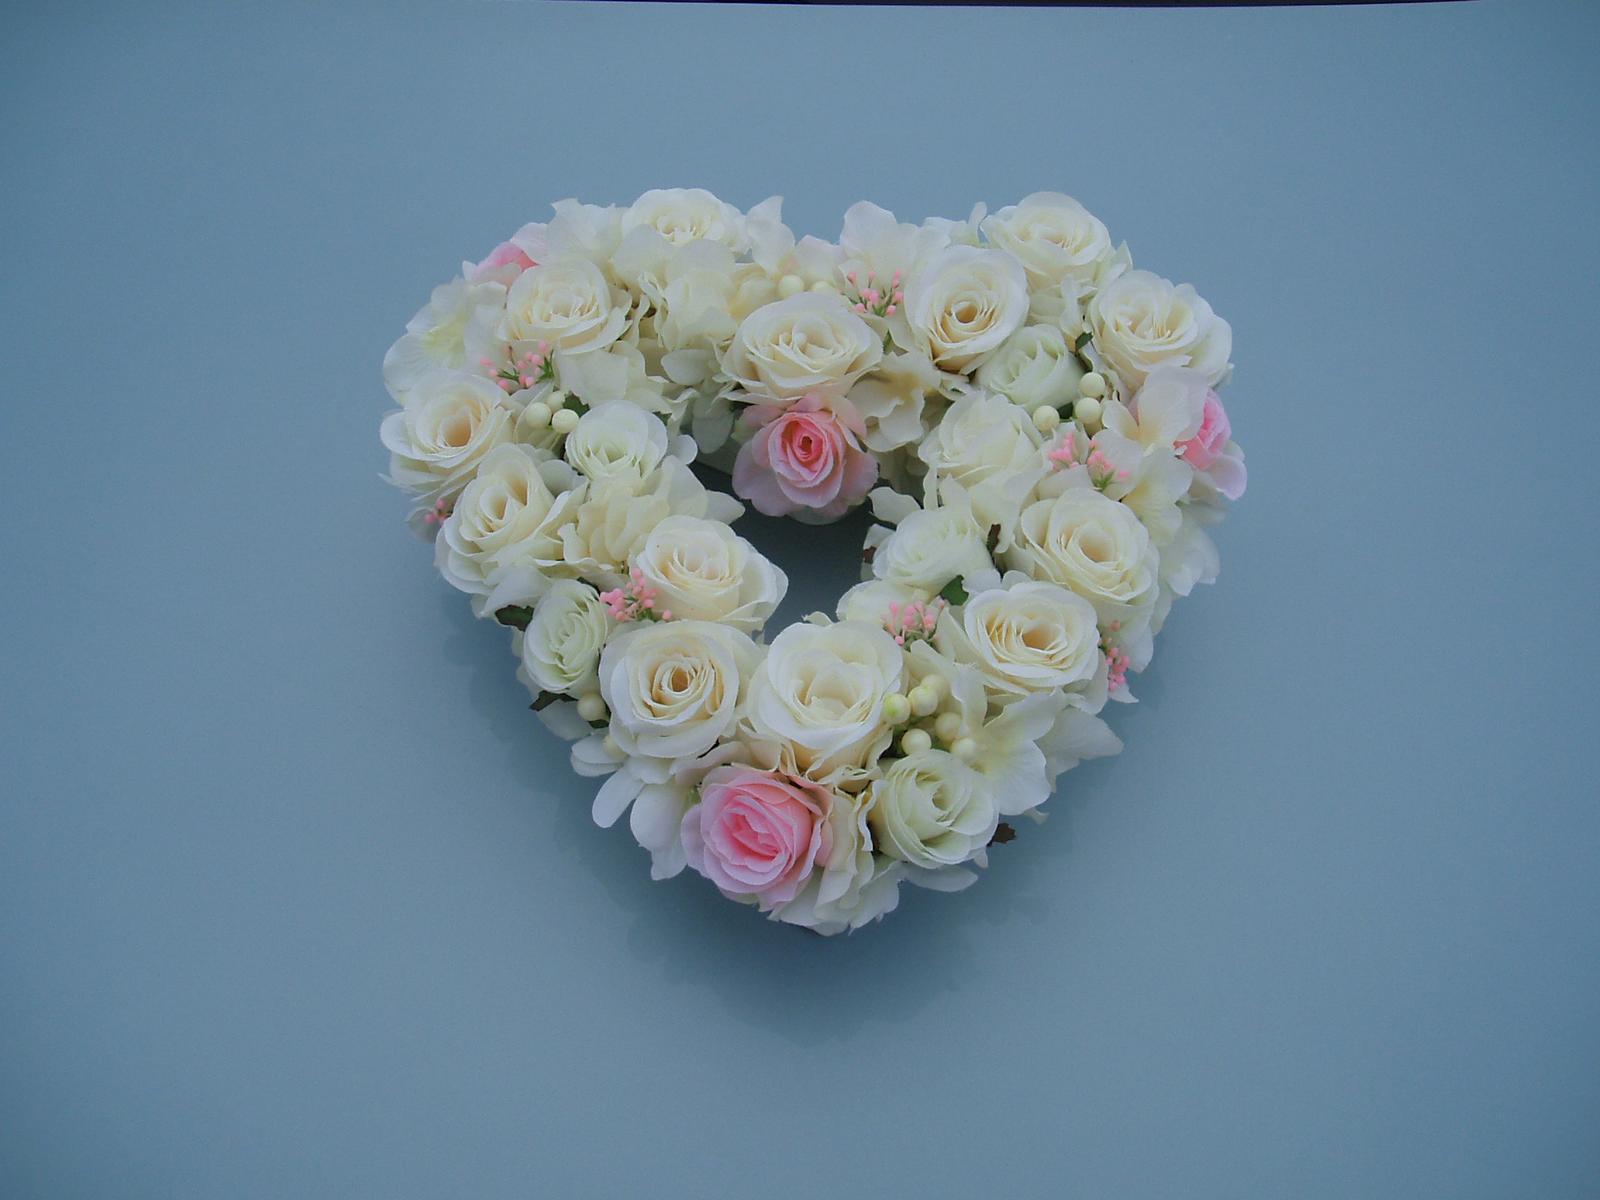 květinové srdce - Obrázek č. 1